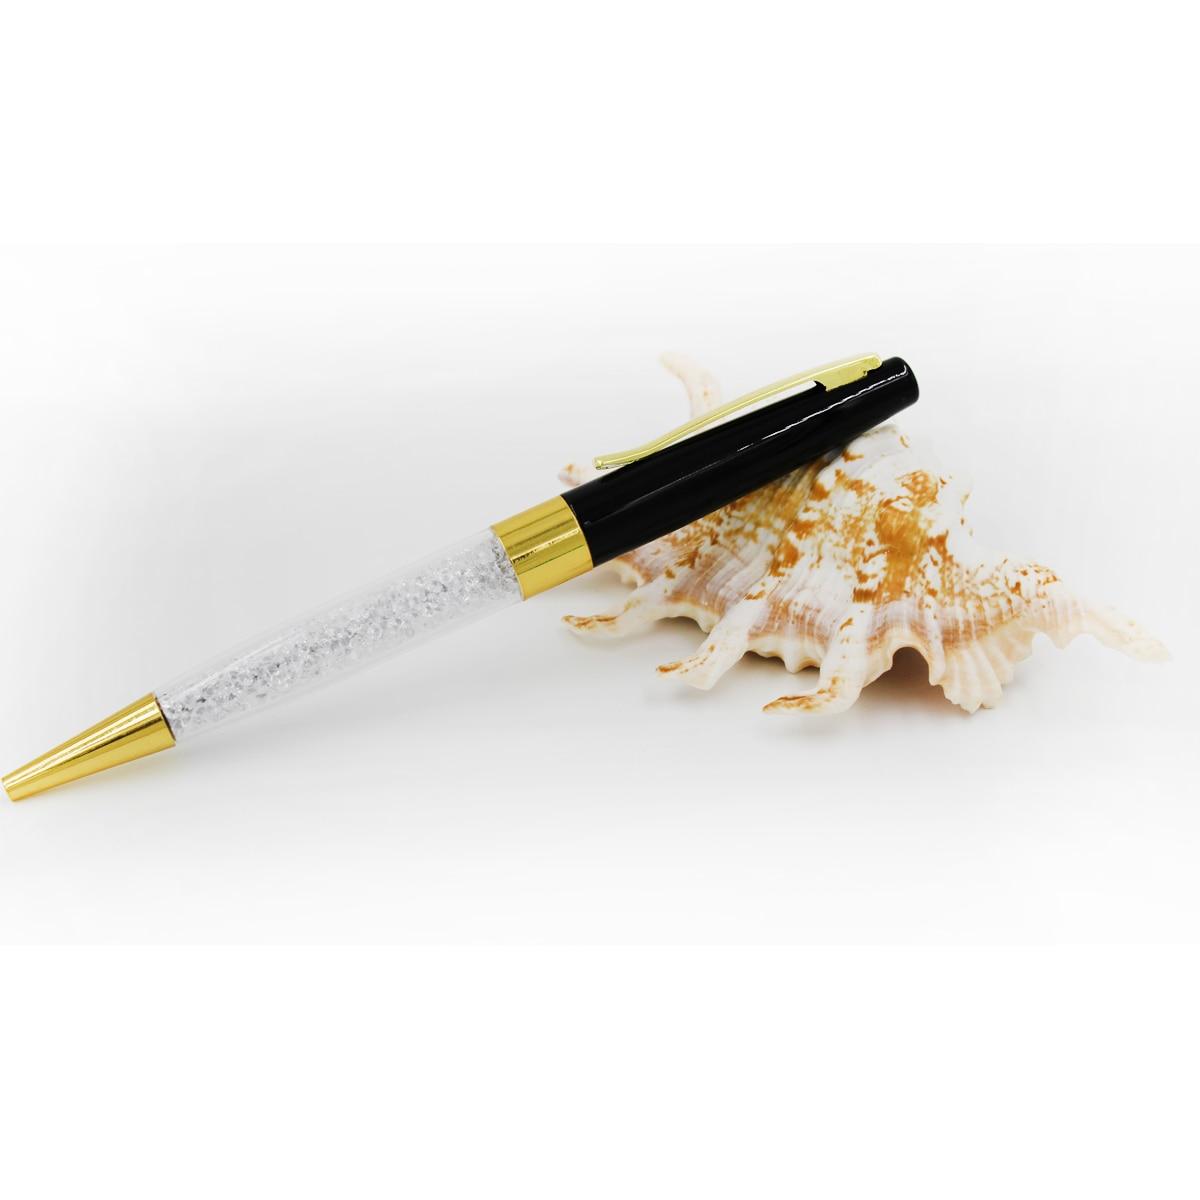 5 ชิ้นแพ็คปากกาคริสตัล B Ling - ปากกาดินสอและการเขียนวัสดุสิ้นเปลือง